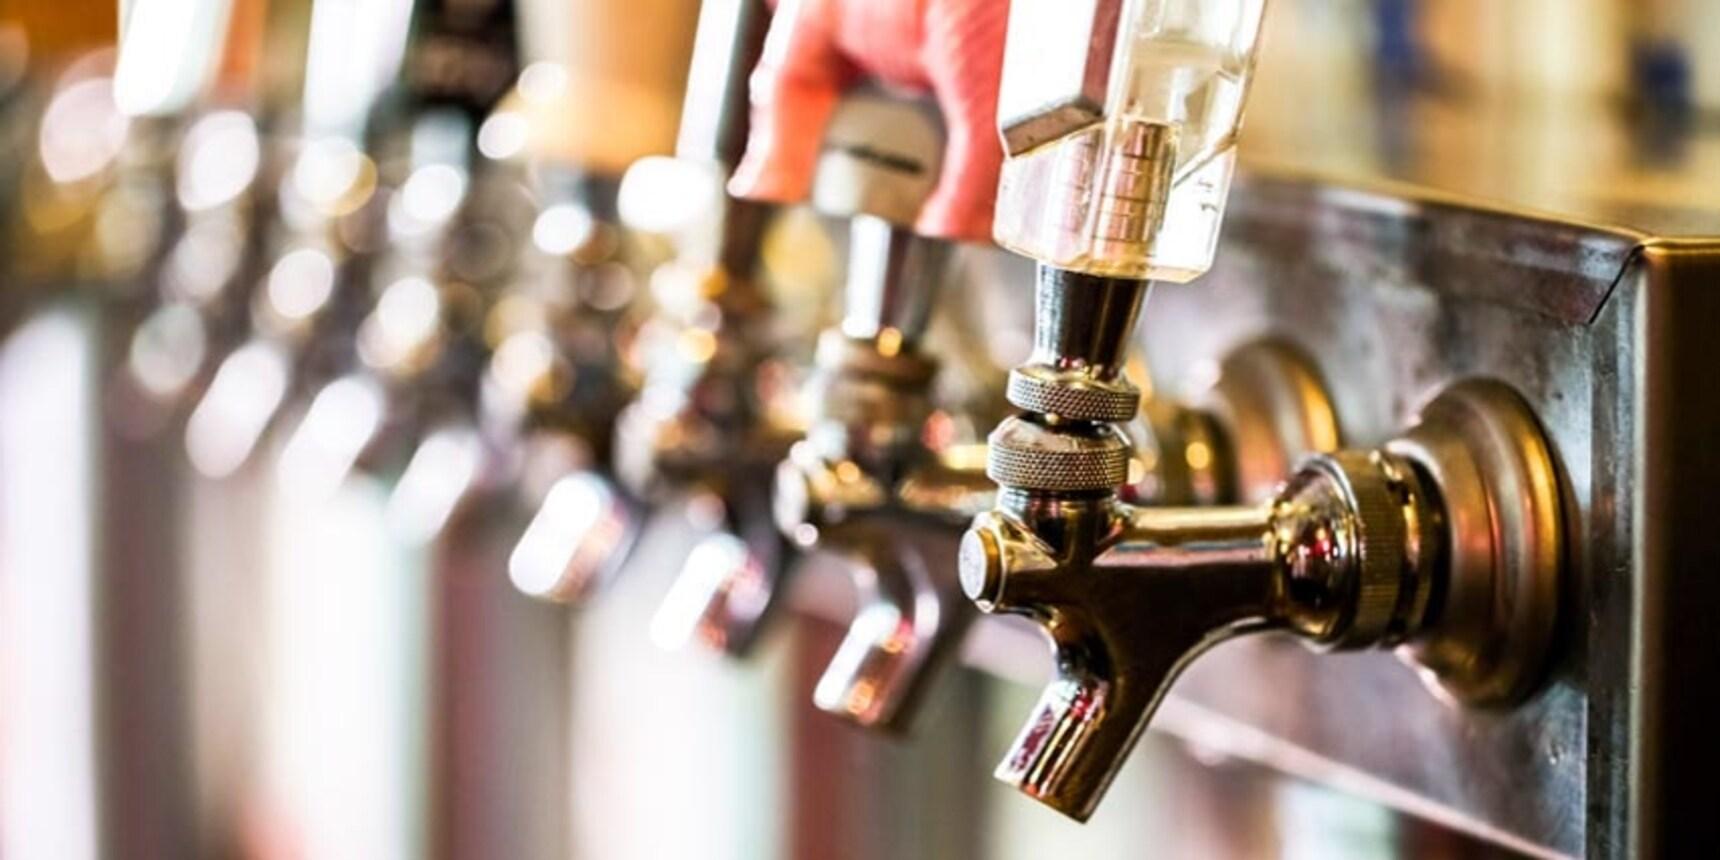 140년 전통이 담긴 어느 브랜드의 맥주 이야기